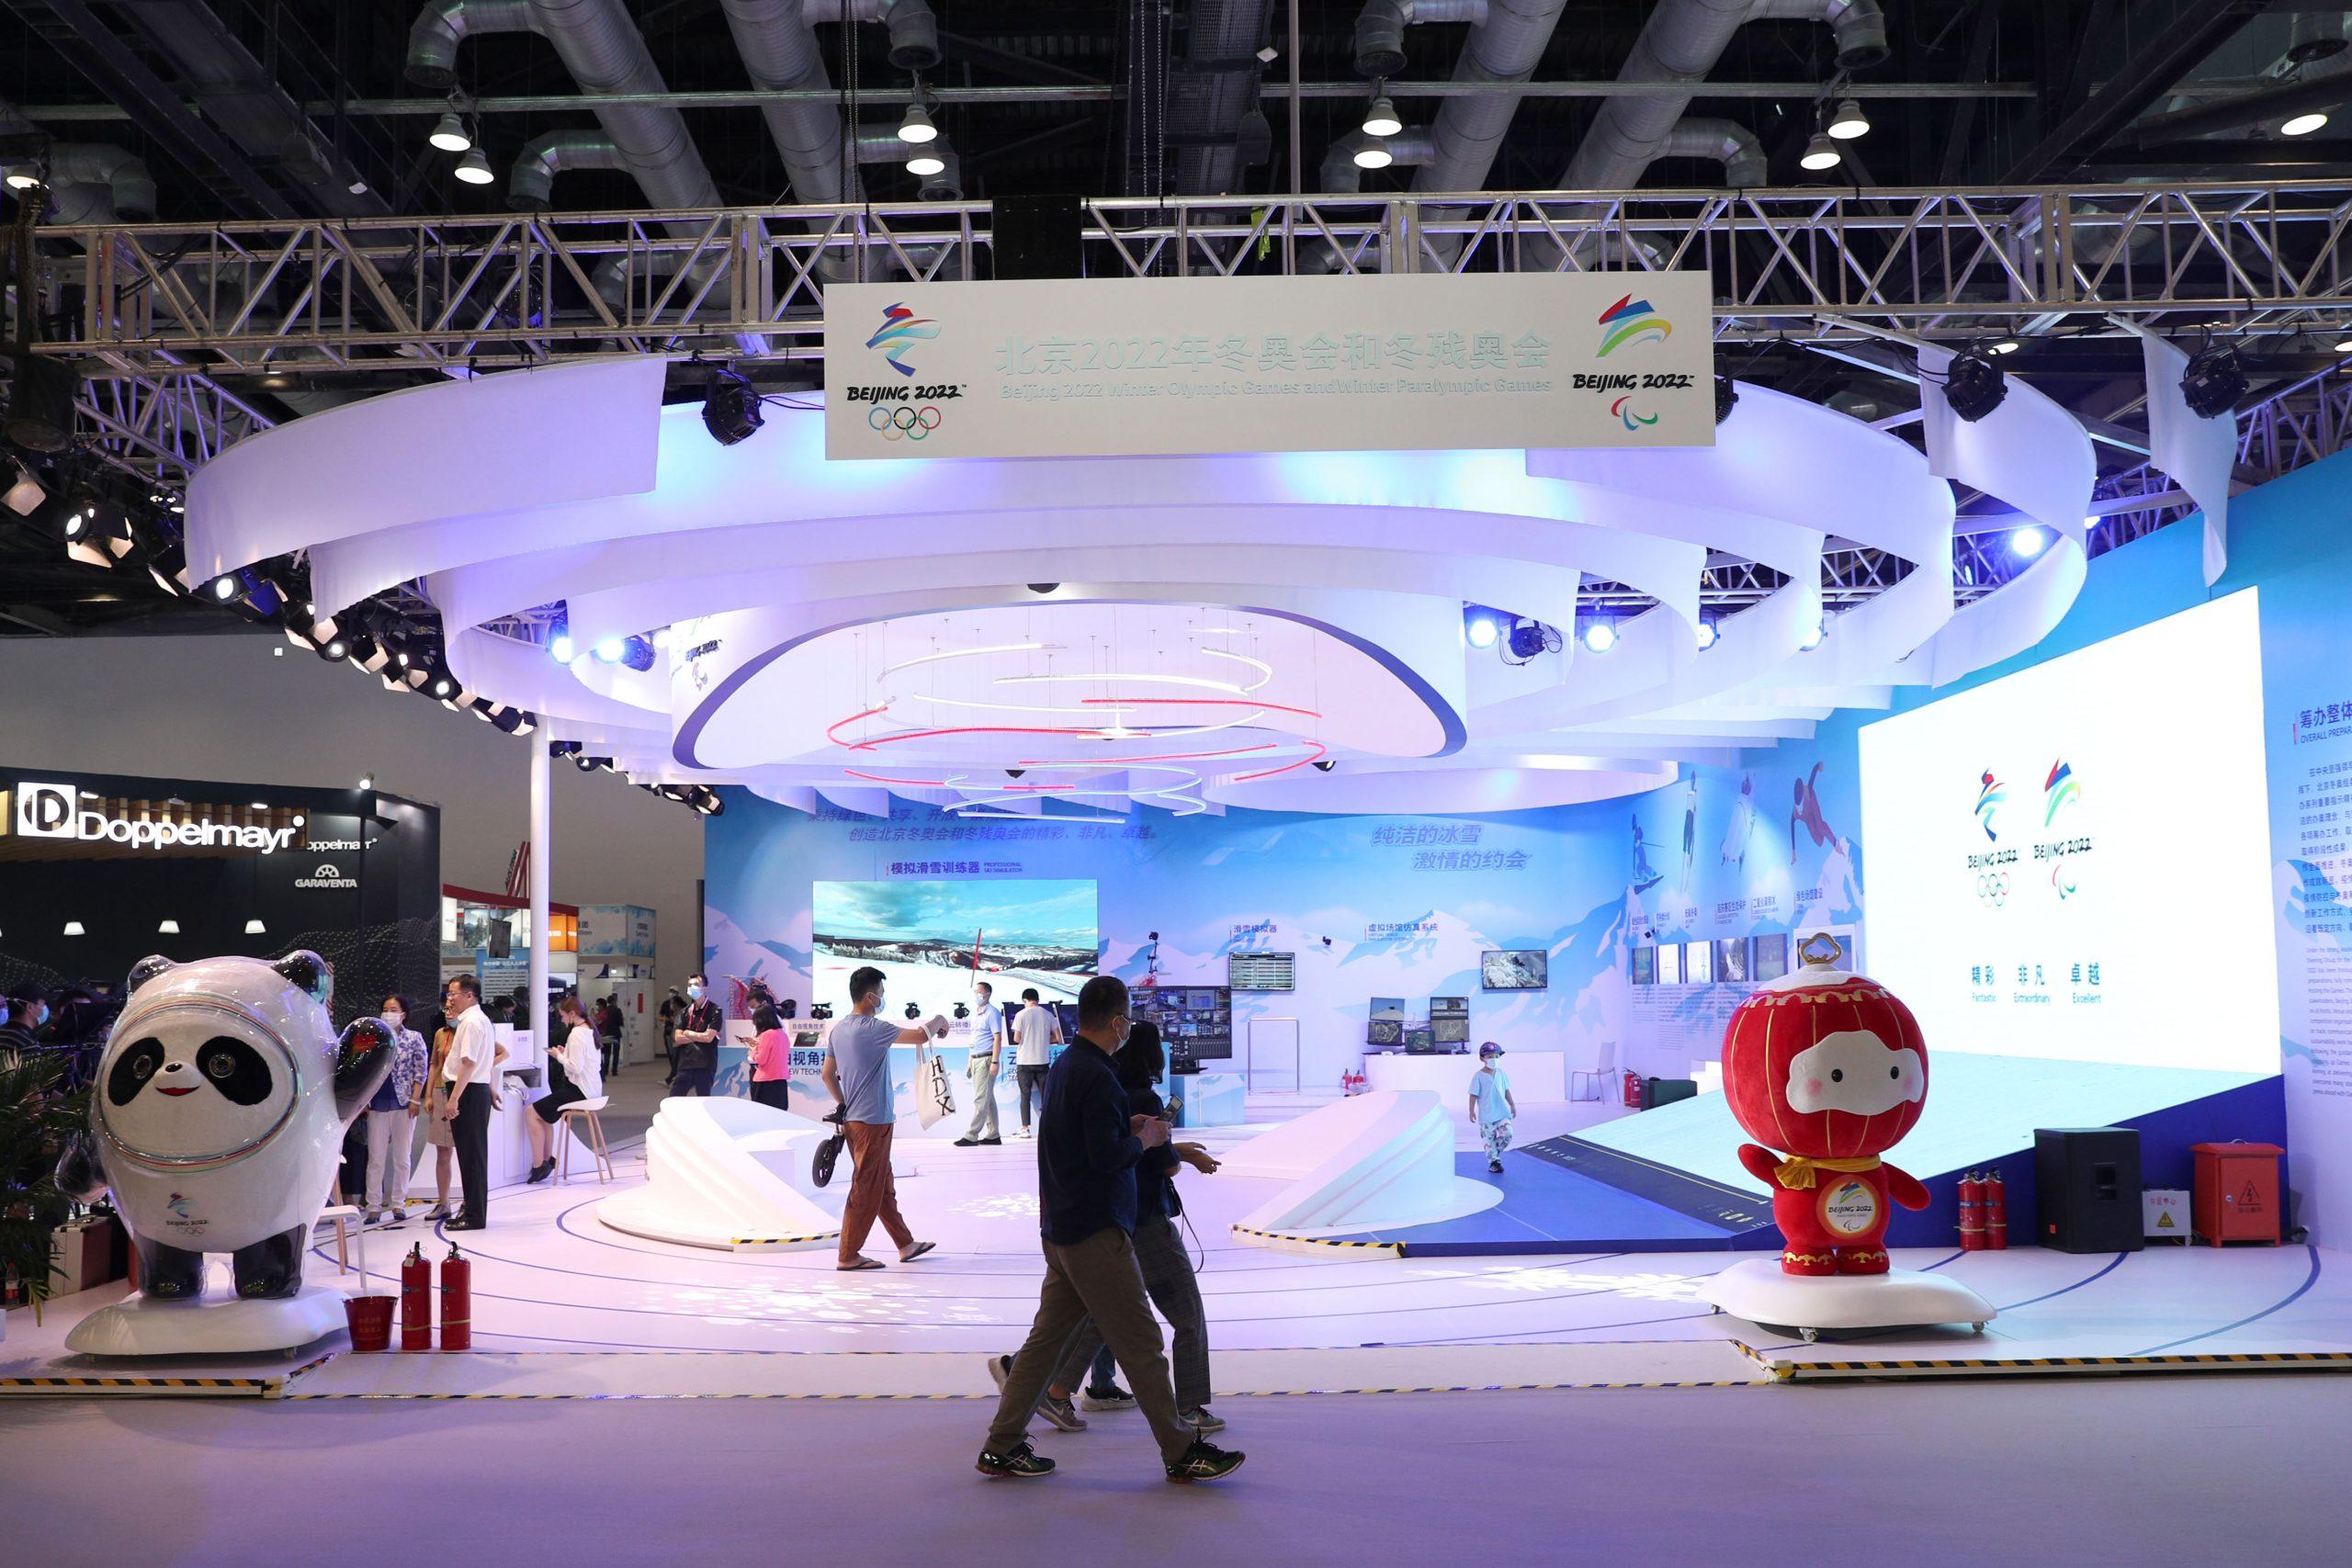 Queda listo Centro de Uniformes y Acreditación para Beijing 2022